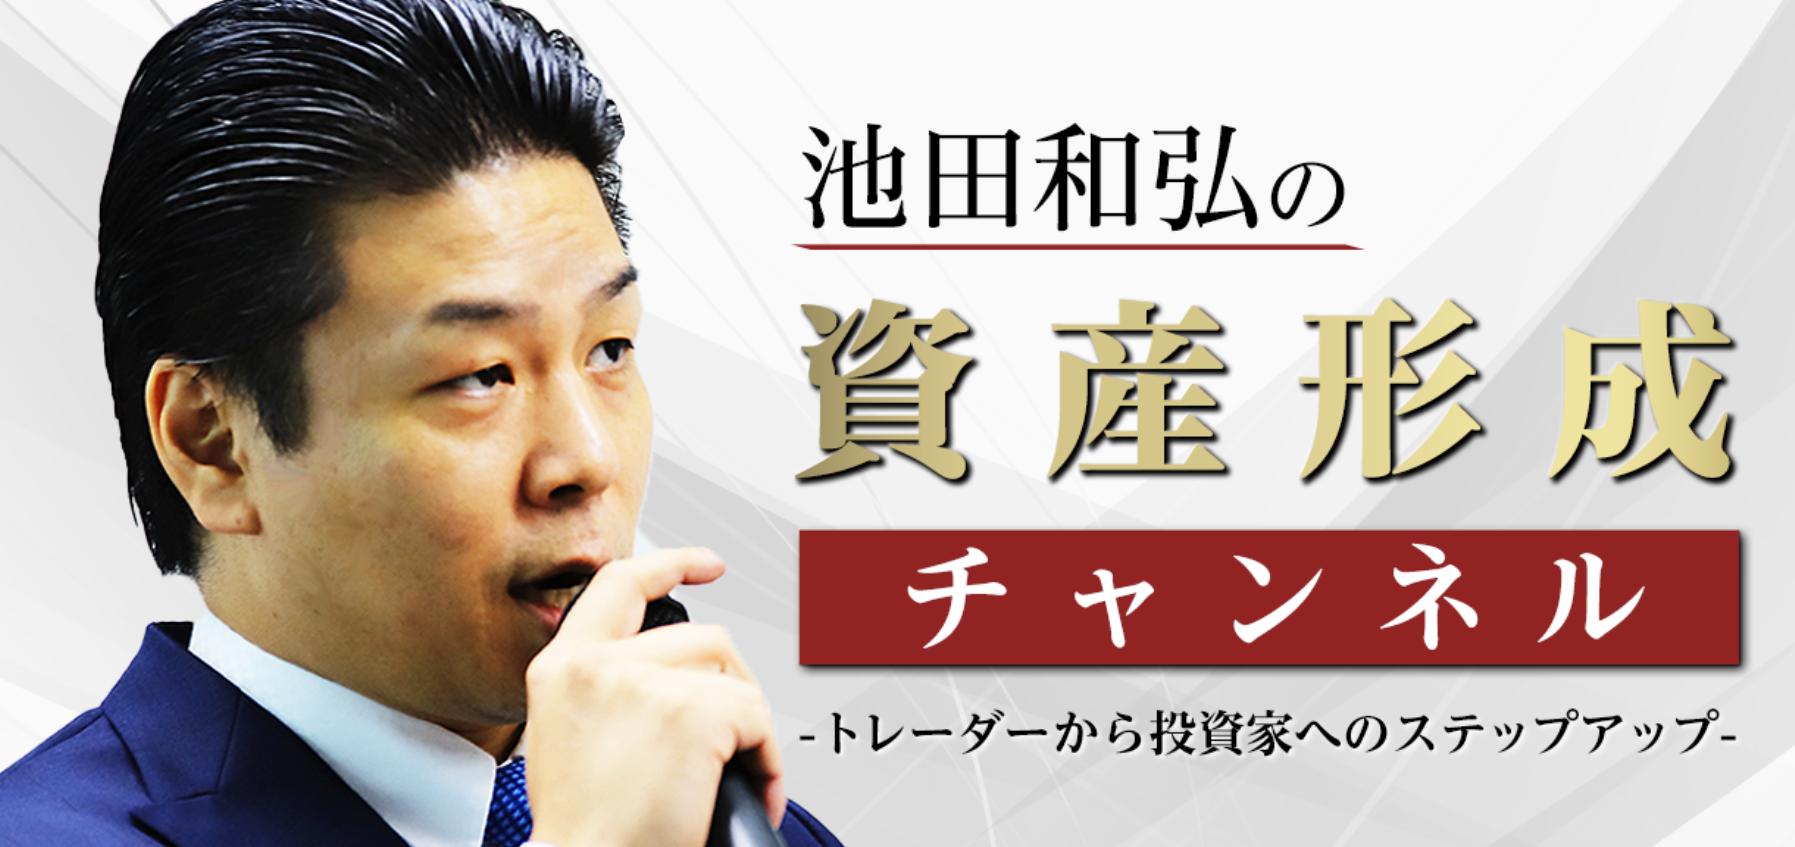 池田和弘 投資に成功する人・しない人の明らかな違い